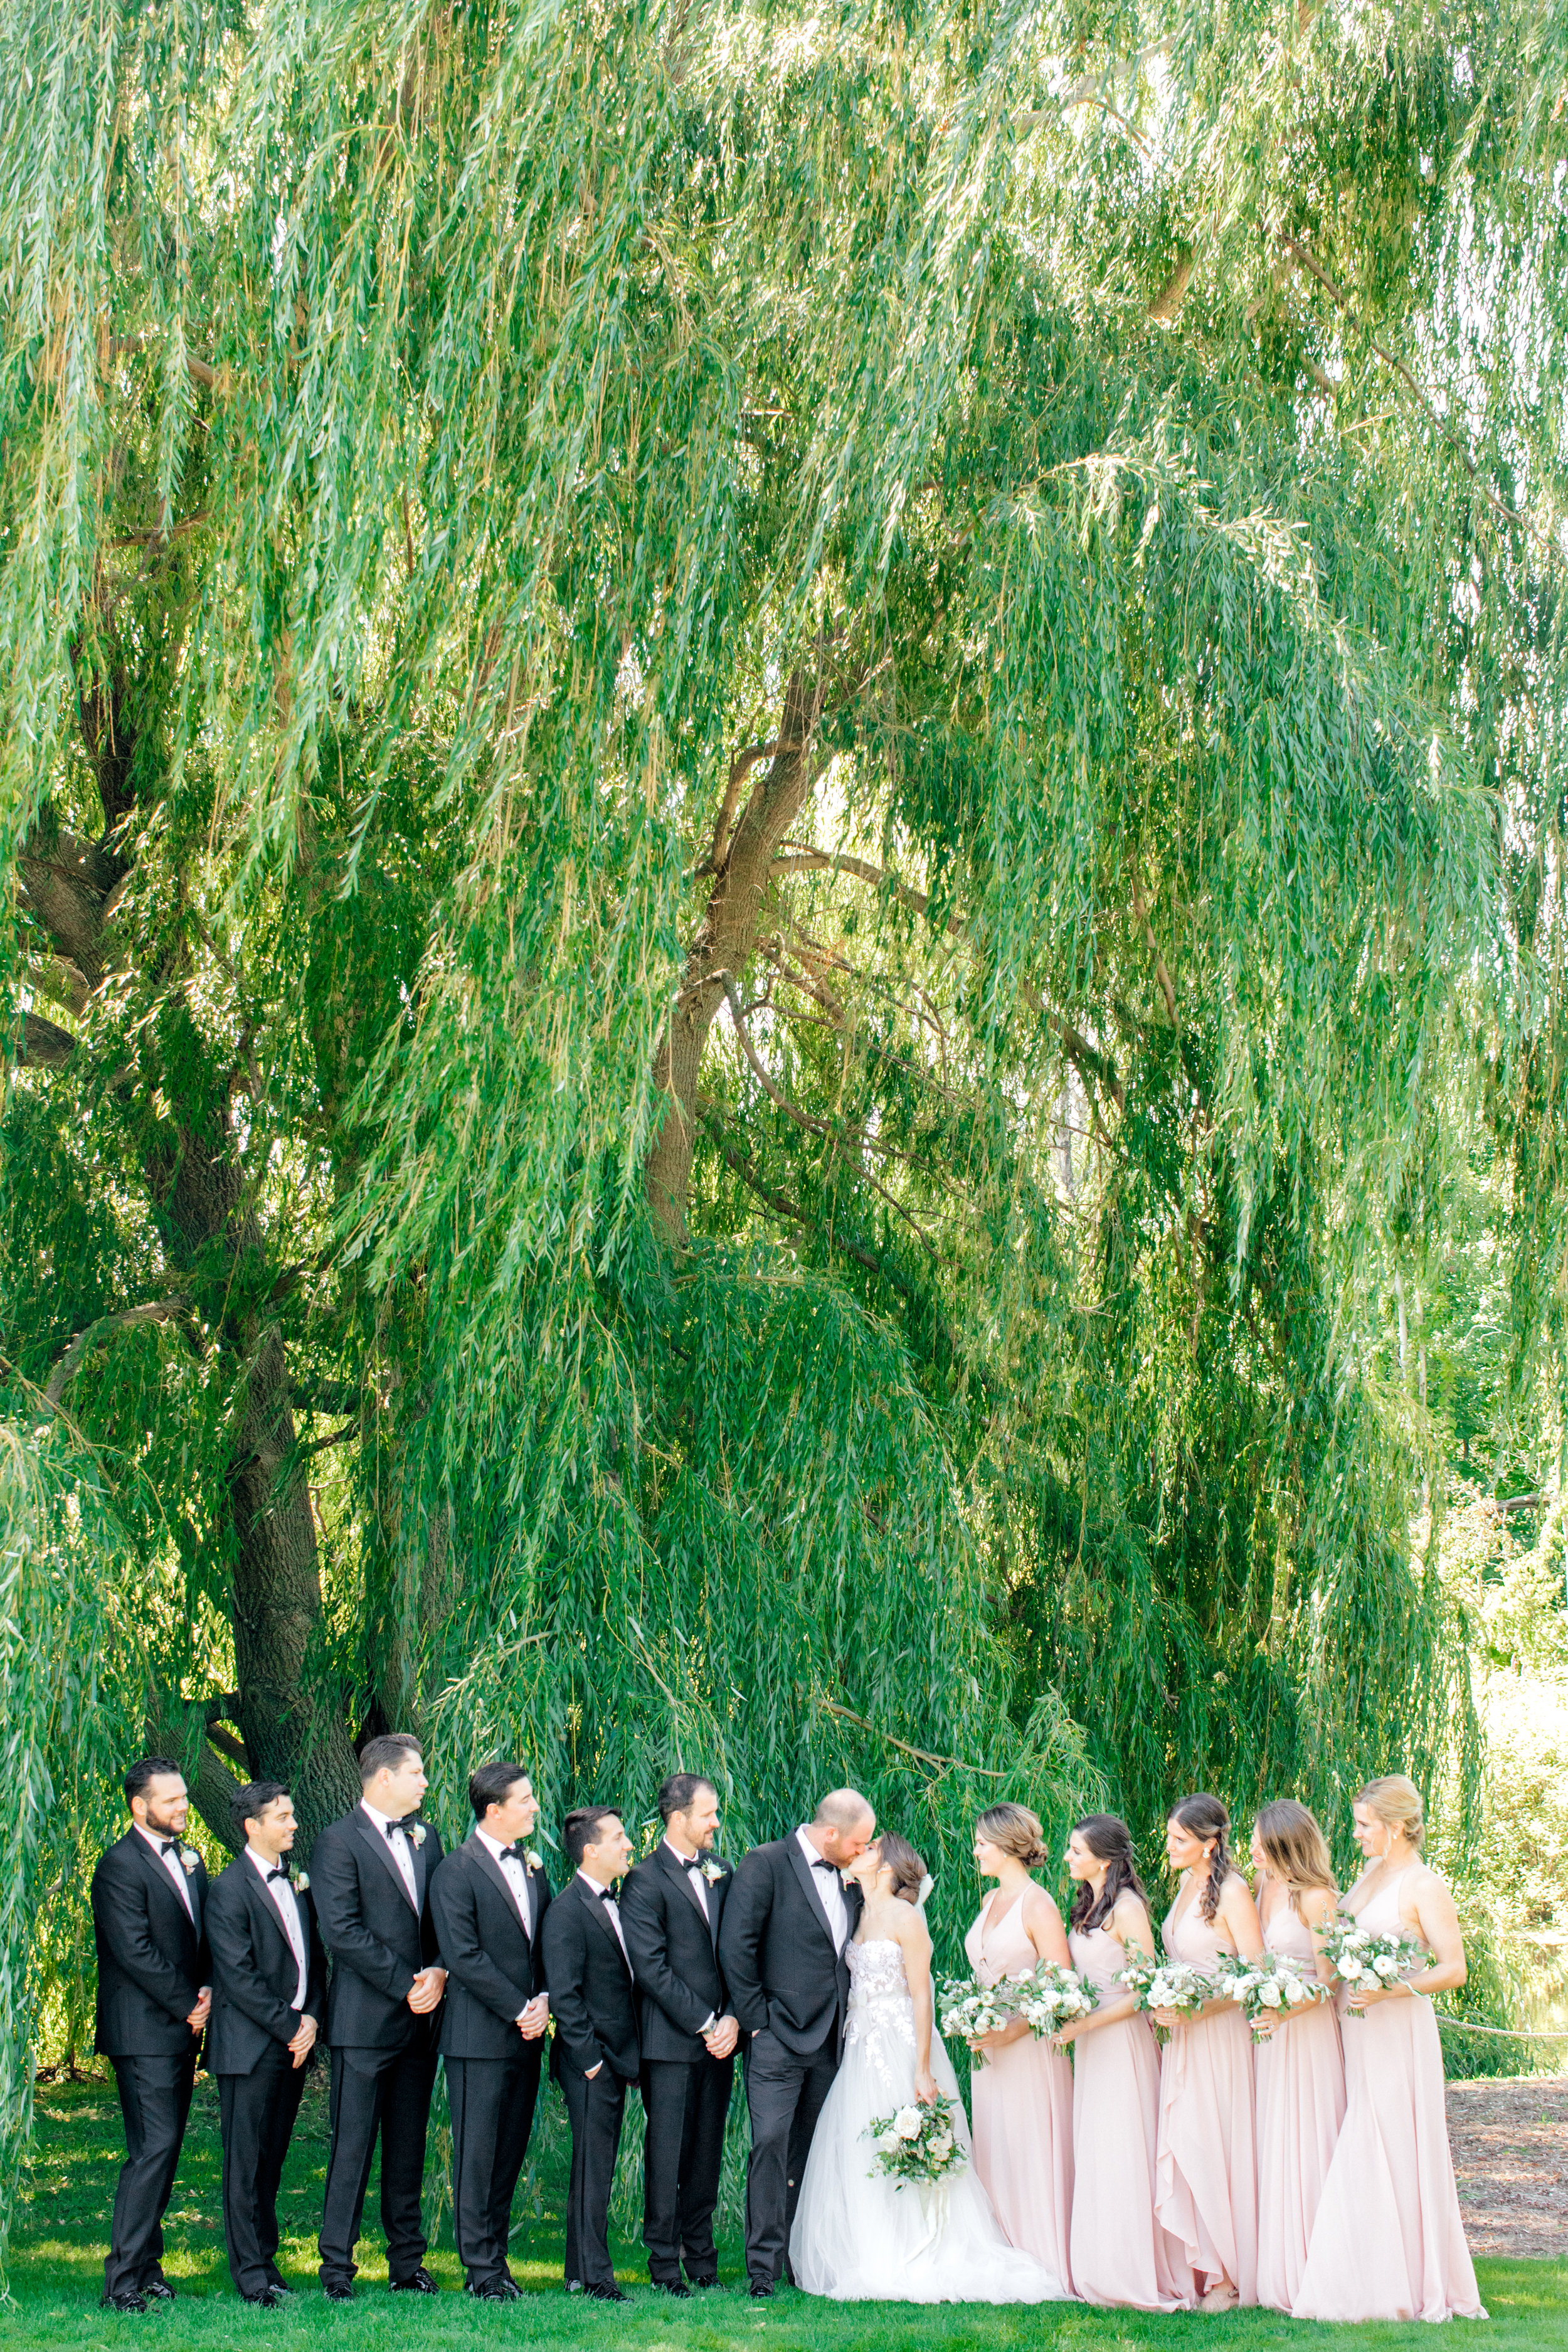 Steinlage+Wedding+Bridal+Party-111.jpg